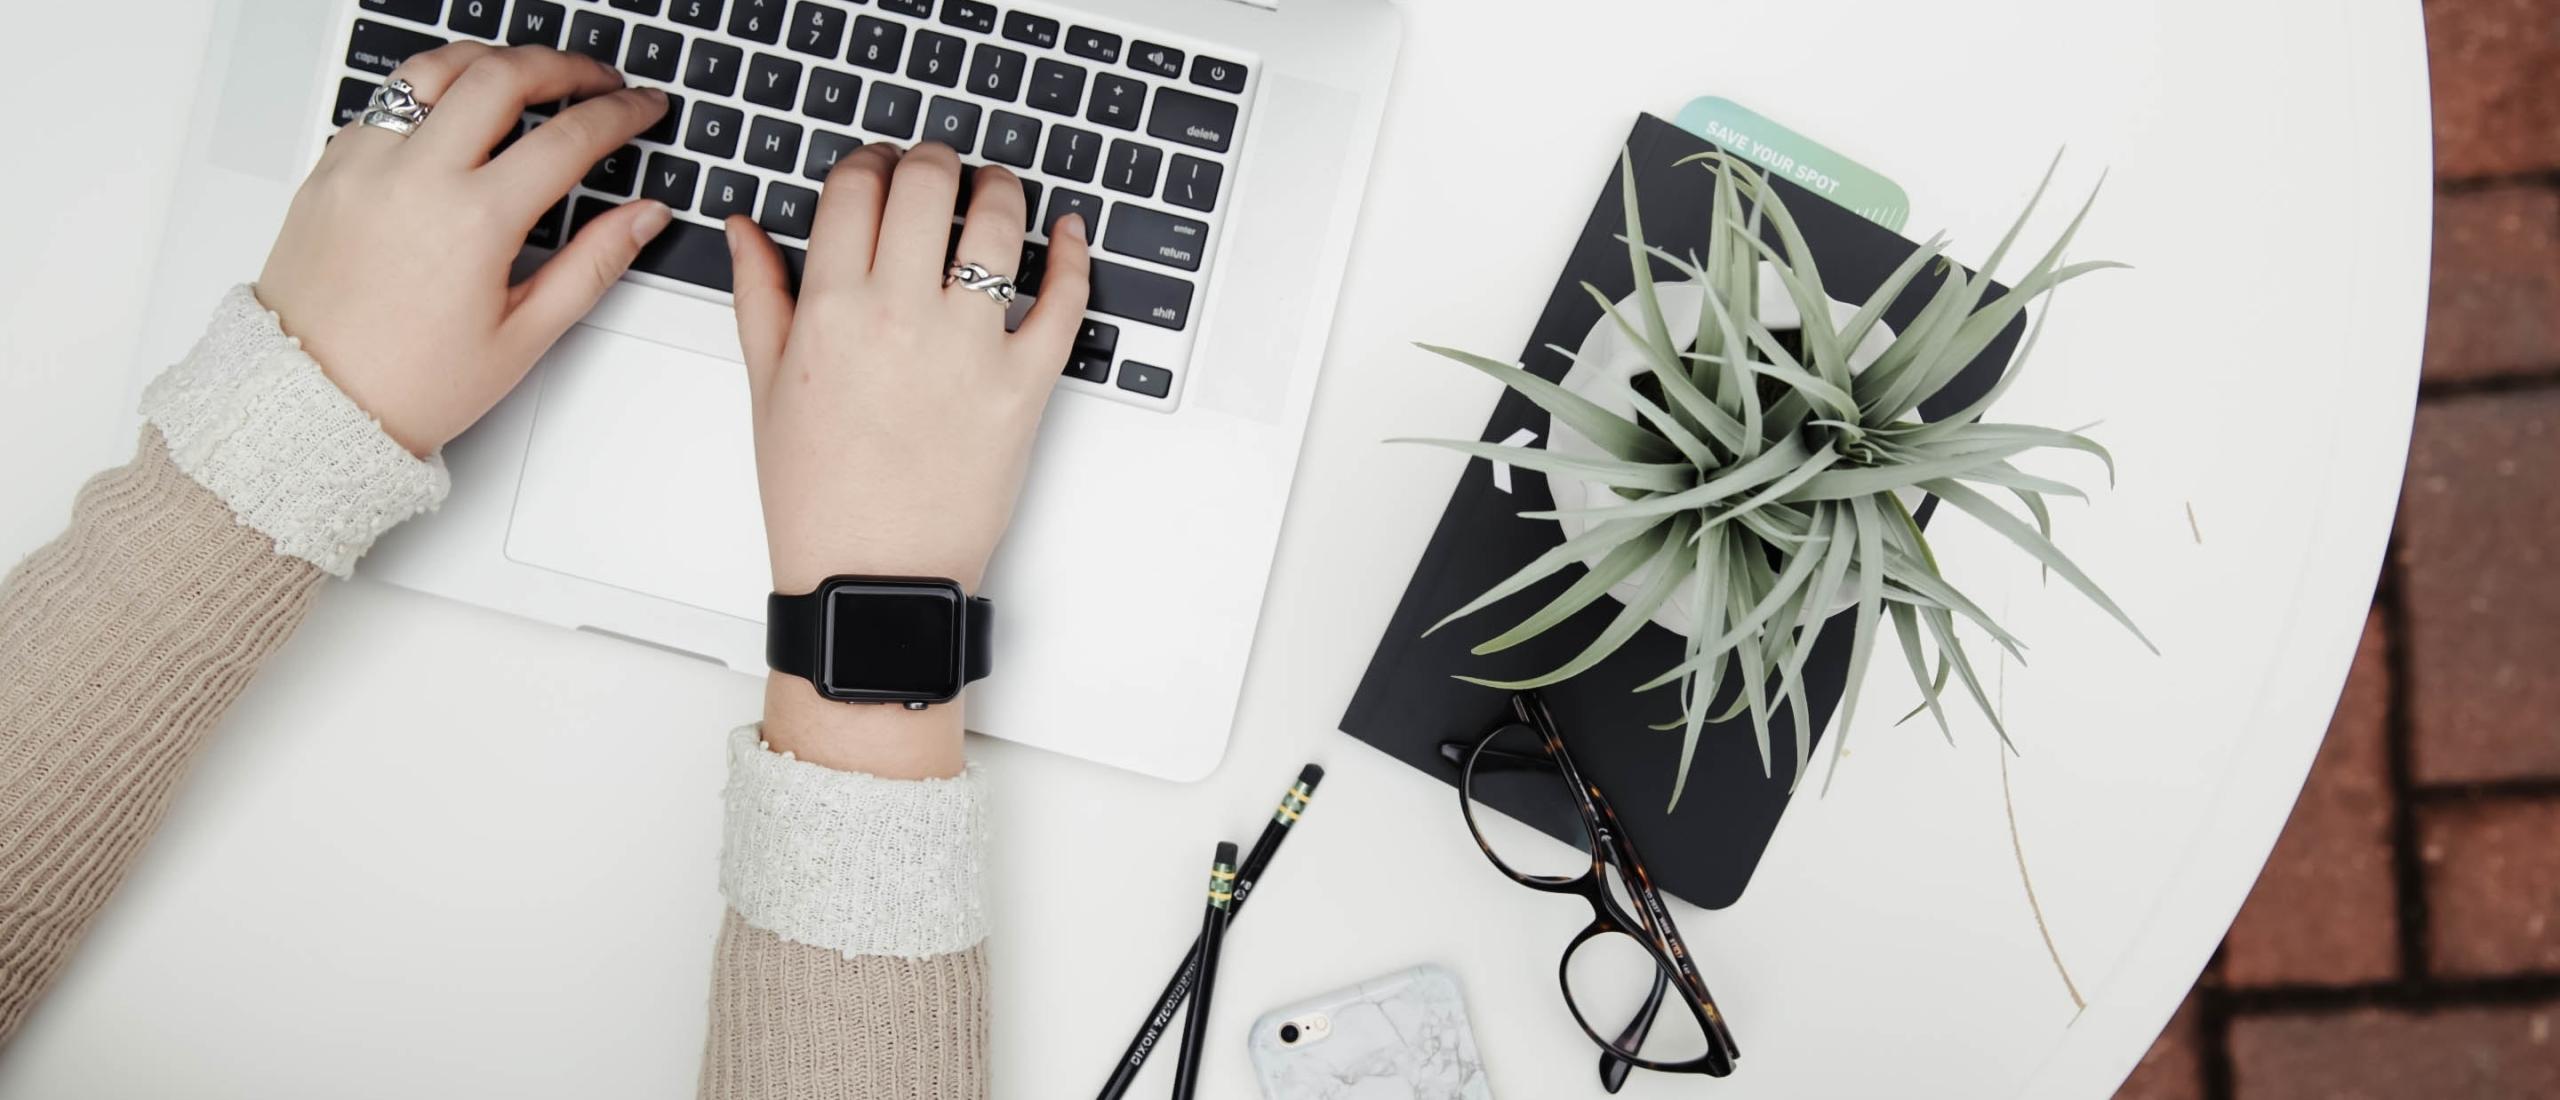 Zelf een blog beginnen? | Vijf tips